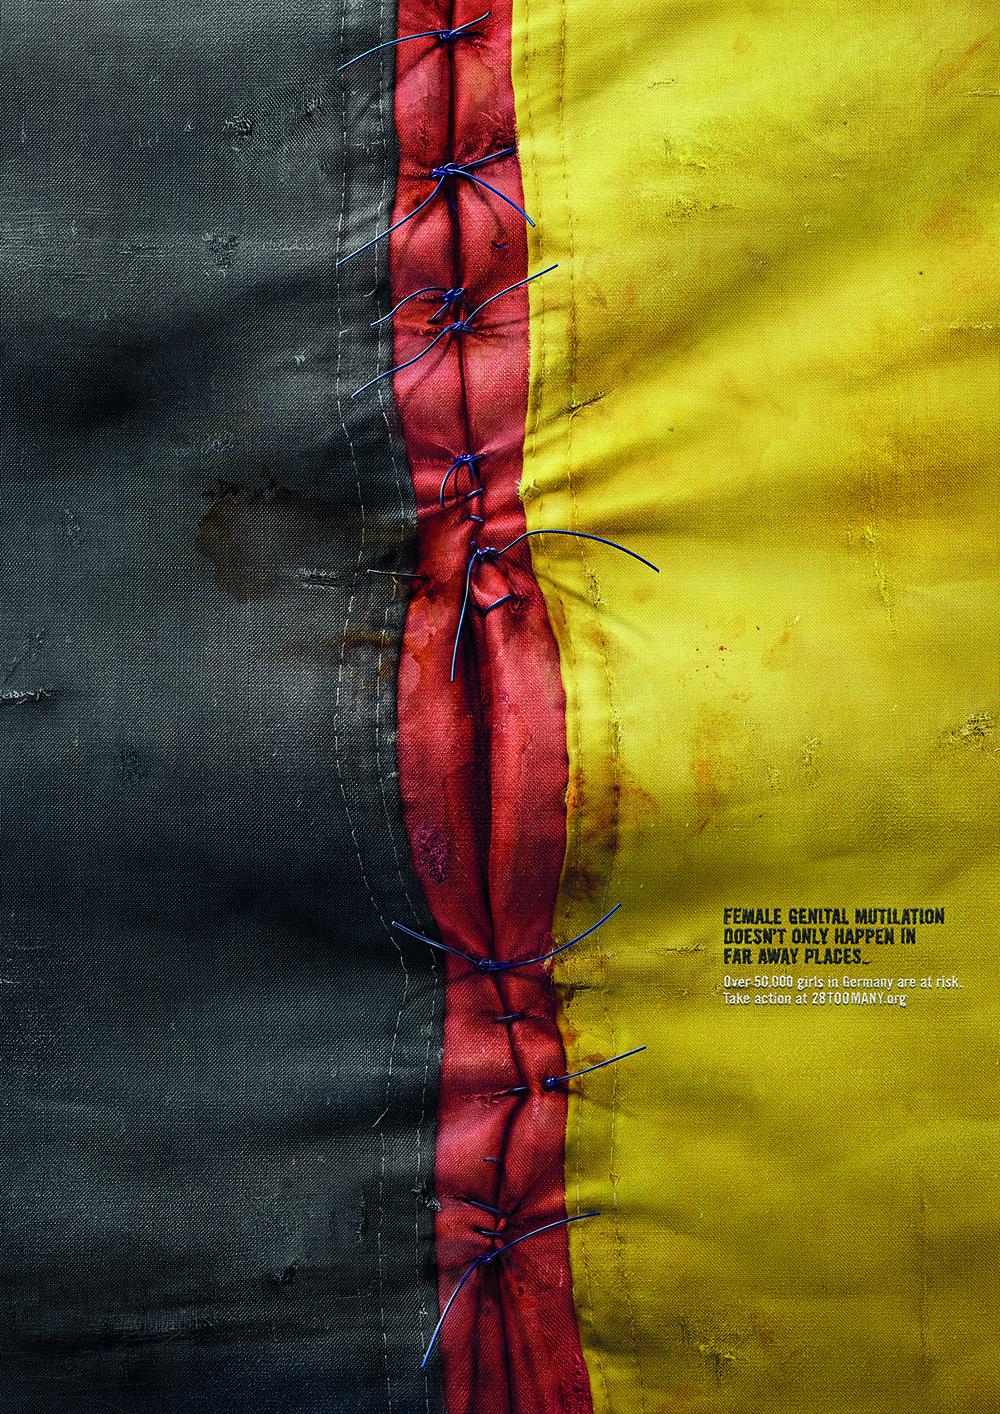 dans-ta-pub-prints-créatifs-du-lundi-publicité-affiche-84-2